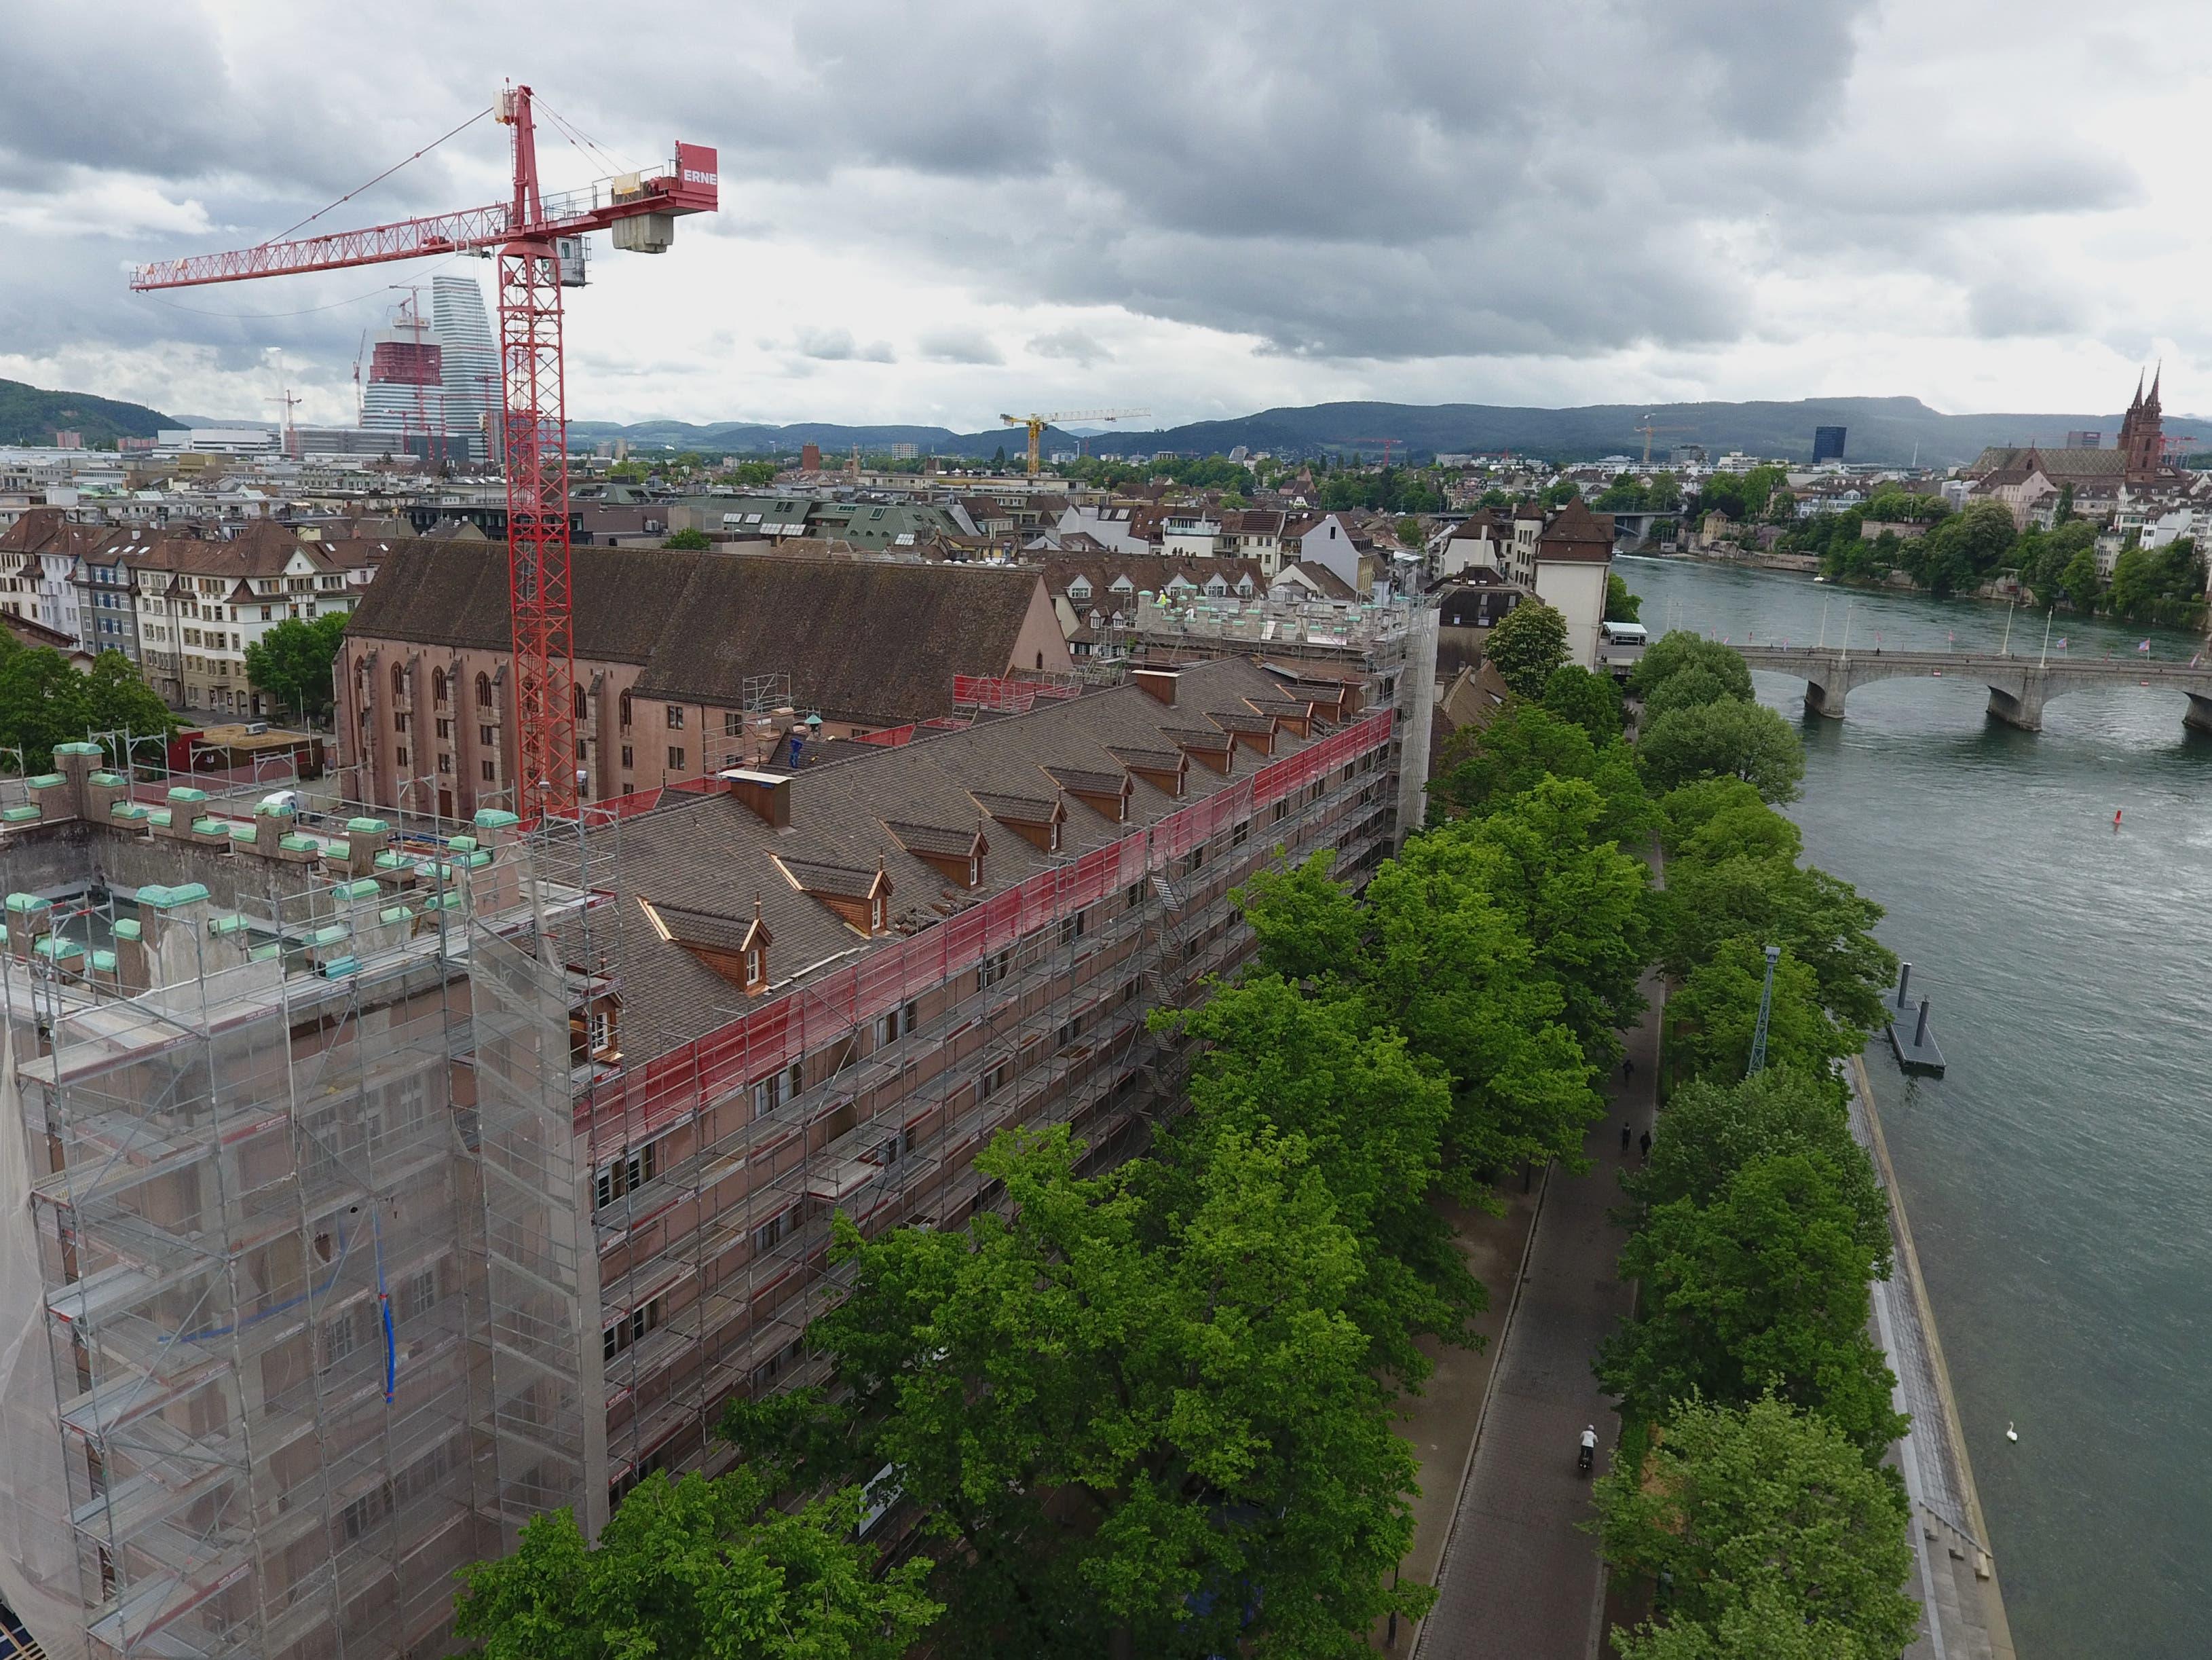 Blick auf die Baustelle der Kaserne Basel am 29. April 2020.